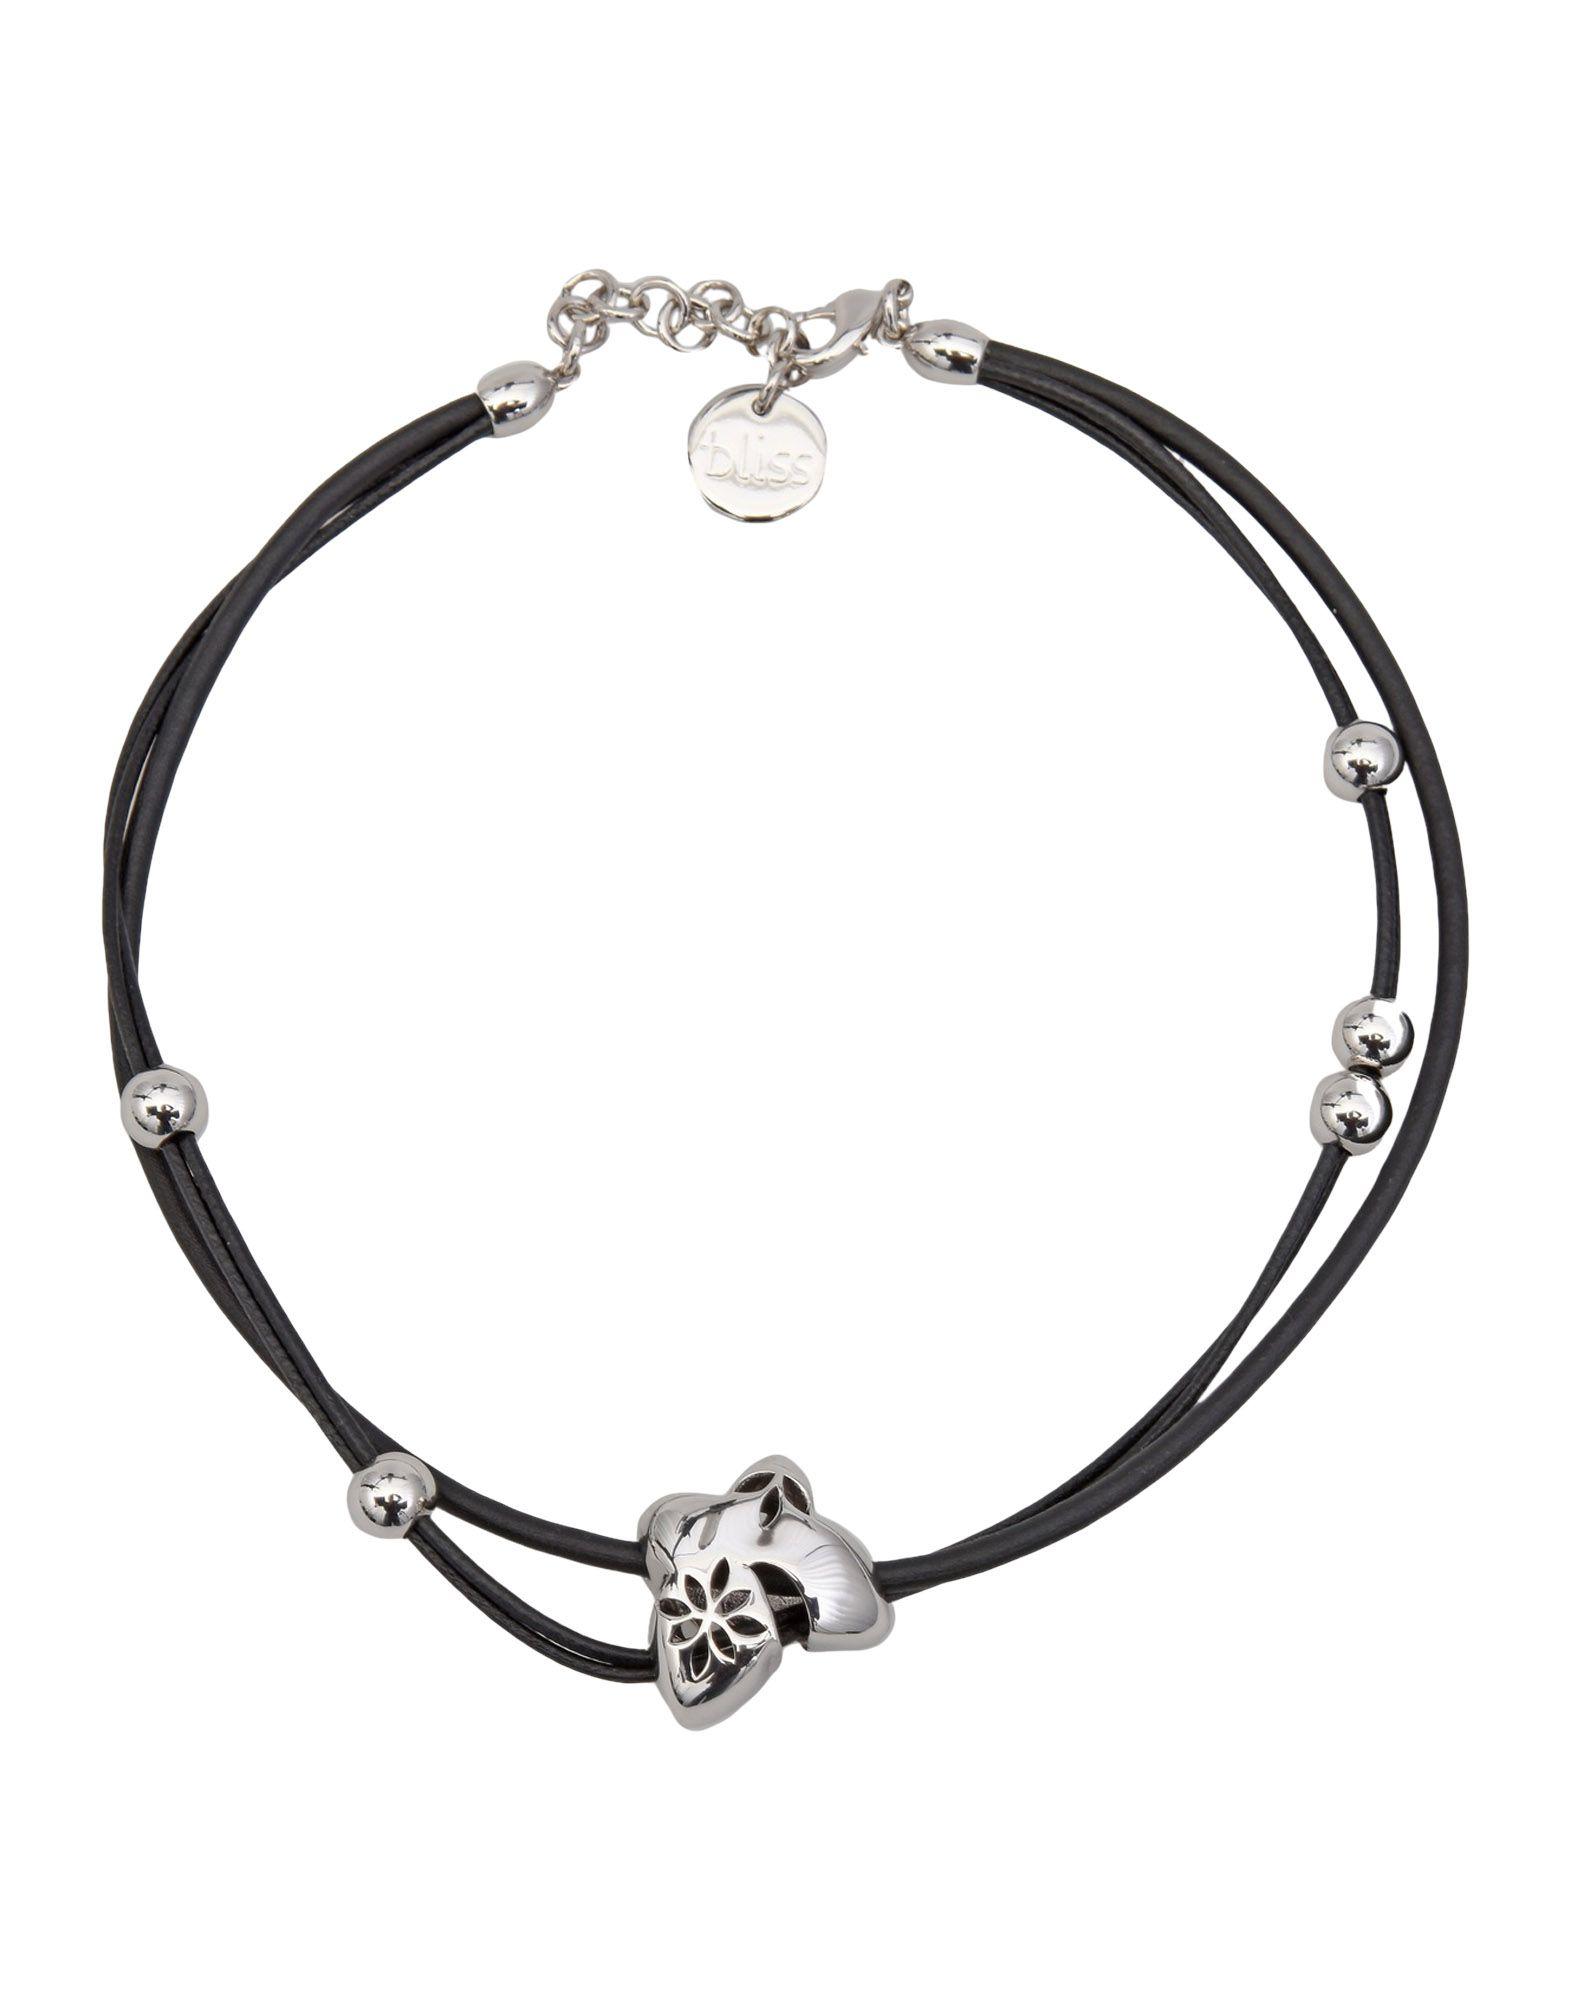 BLISS Bracelet in Black